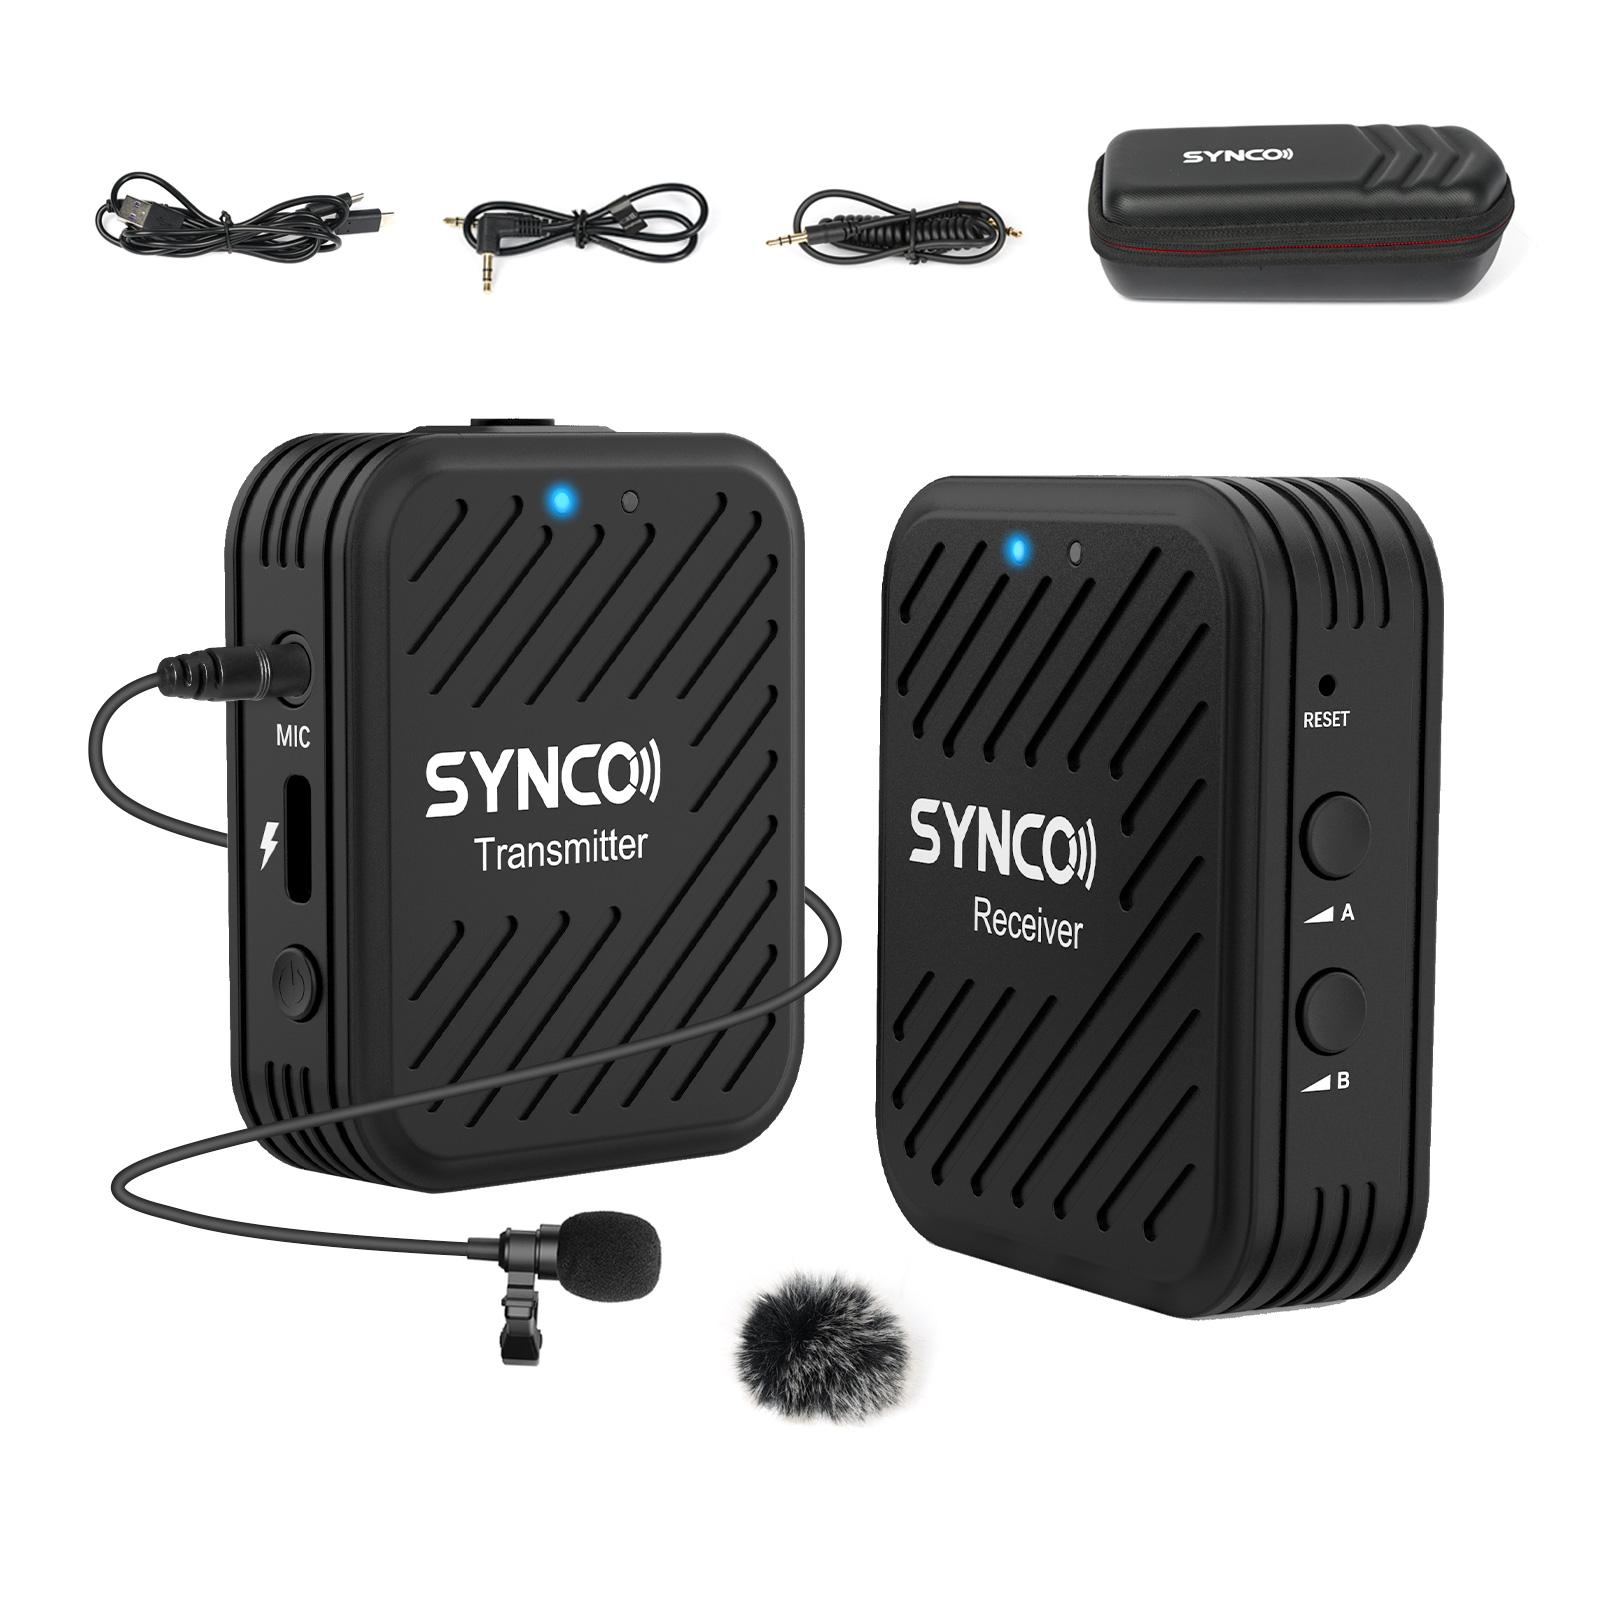 ワイヤレスマイク カメラ外付けマイク 外部マイク スマホマイク 日本語説明書付き SYNCO G1 A1 2.4GHzワイヤレスピンマイク スマホ 卓越 ノートパソコン タブレット 技適マーク認証一年安心保証 70m伝送距離 外部ピンマイク付属 ローカット機能 ビデオカメラ等に対応 1台送信機 一眼レフ 内蔵マイク 1台受信機 保証